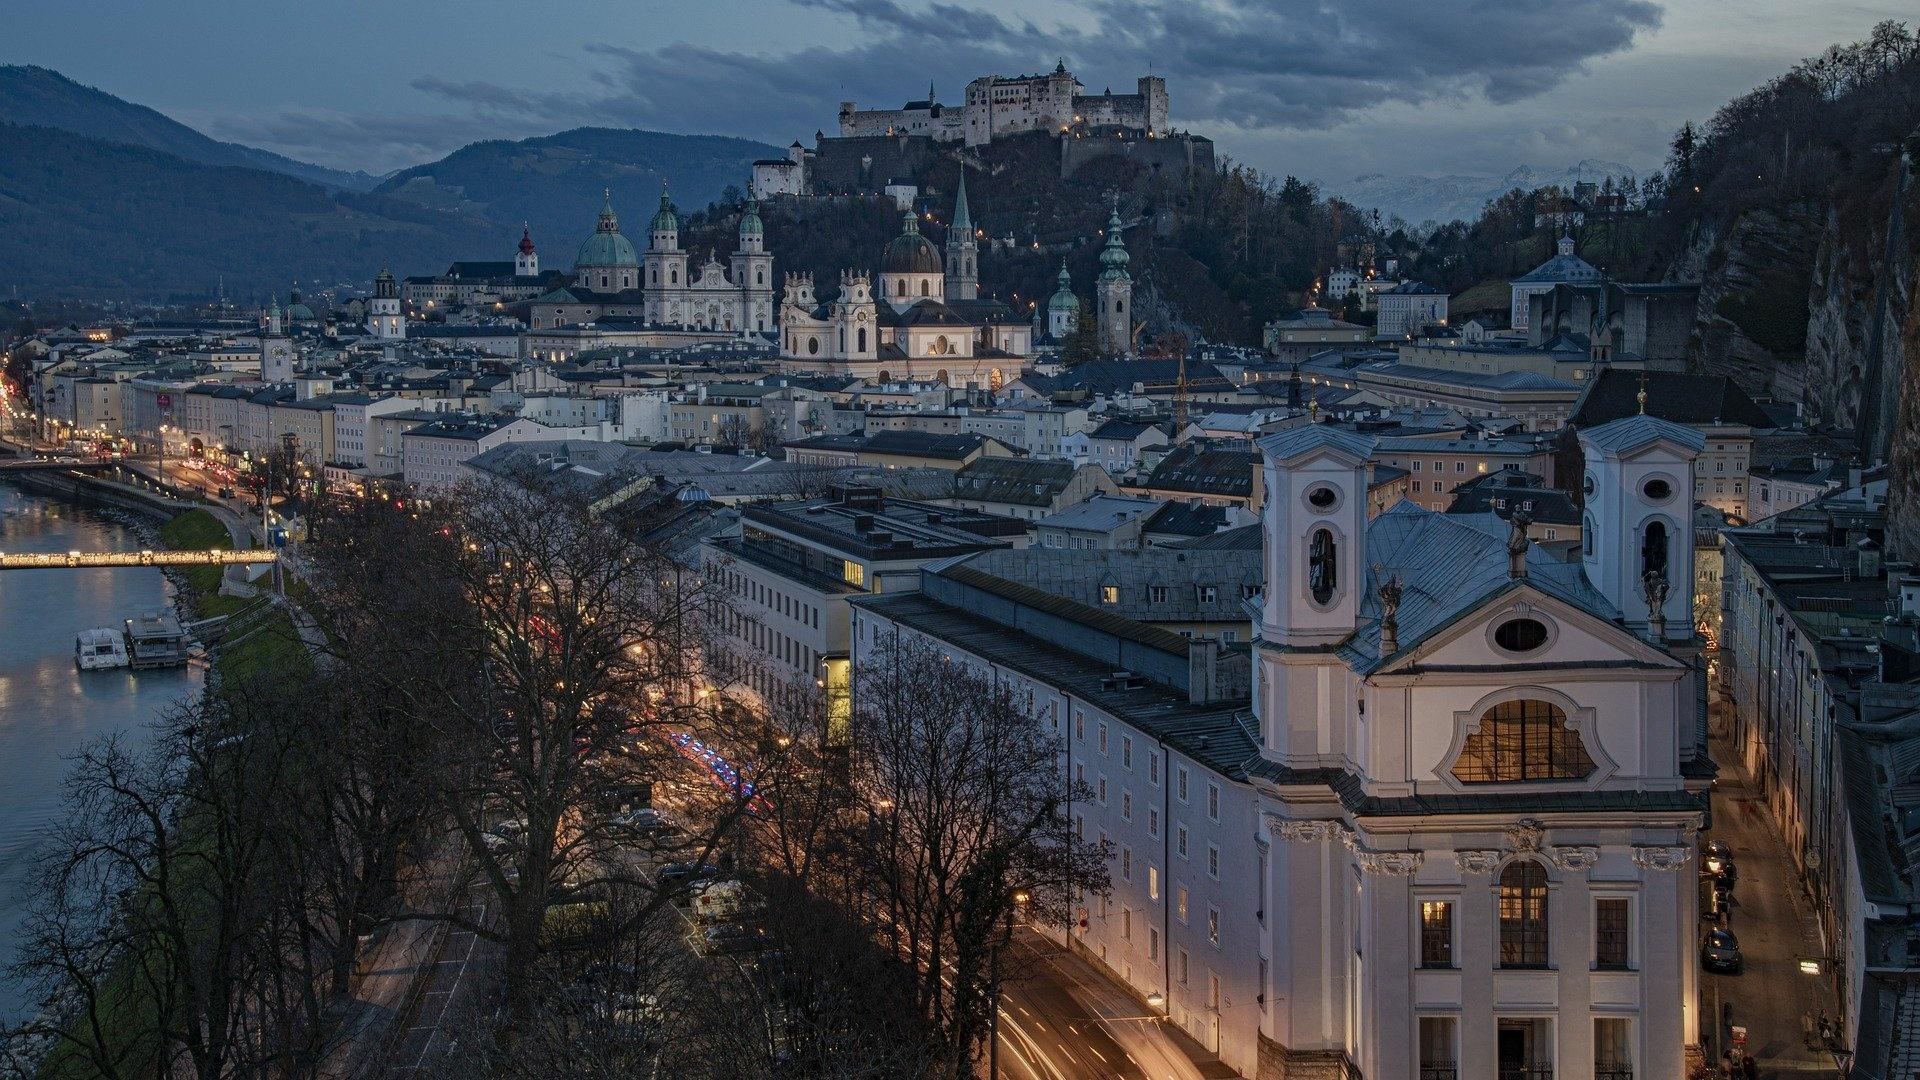 Das Salzburger-Nockerln-Rezept symbolisiert den Stolz der Salzburger auf Ihre Hausberge: Die Nockerln stellen Gaisberg, Mönchsberg und Kapuzinerberg dar.